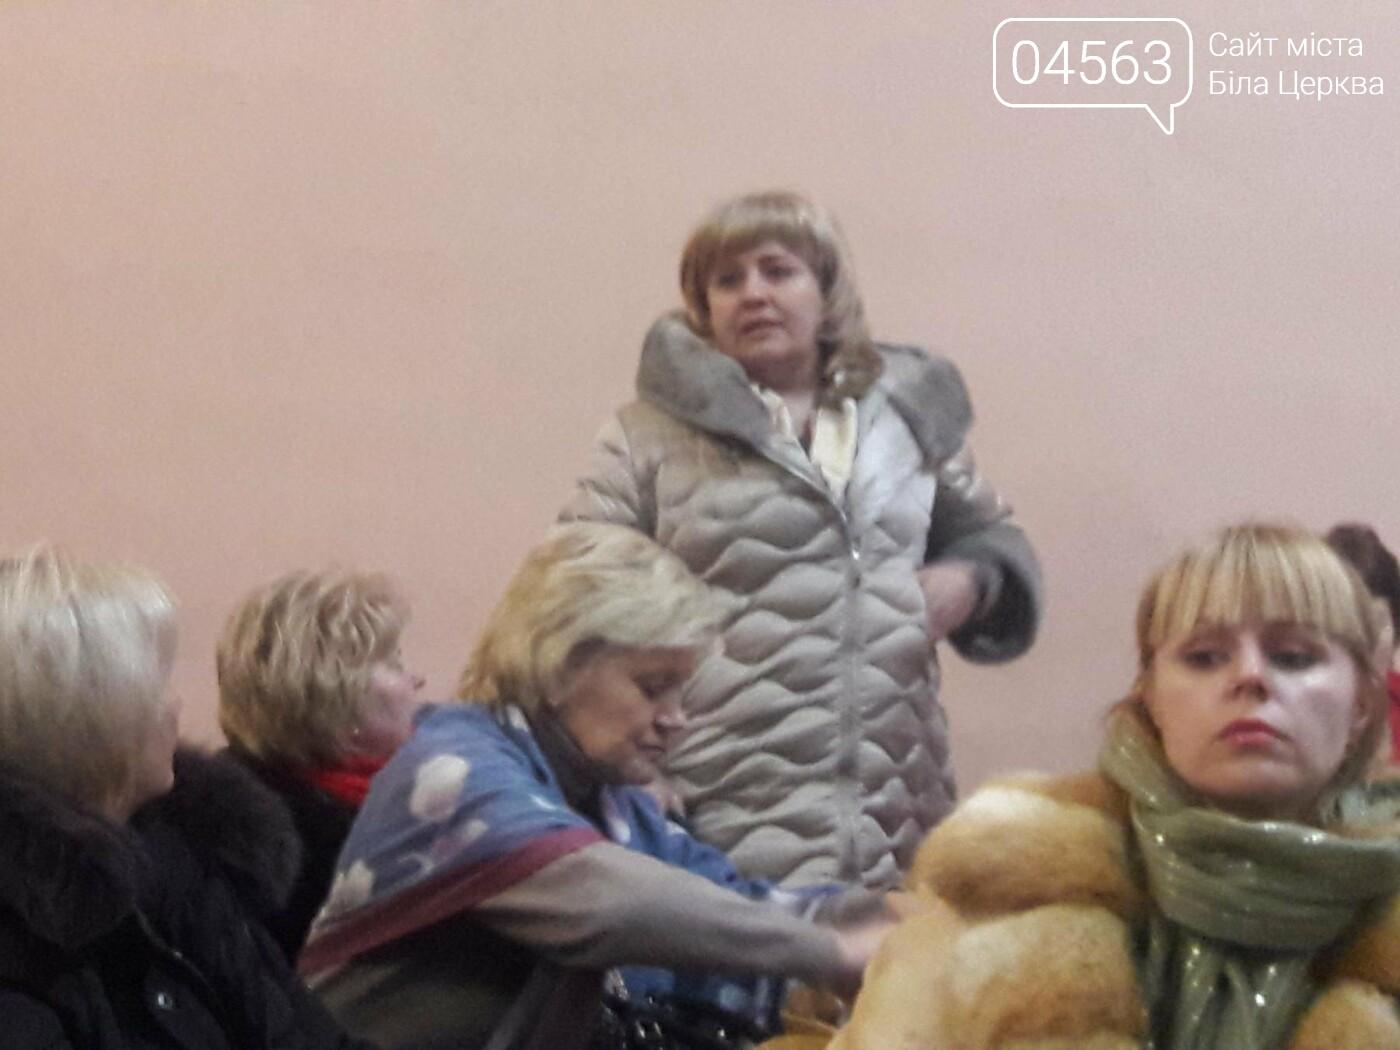 Чи потрібні сосиски у дитячих садочках Білої Церкви? - Зустріч Юрія Петрика з батьками, фото-5